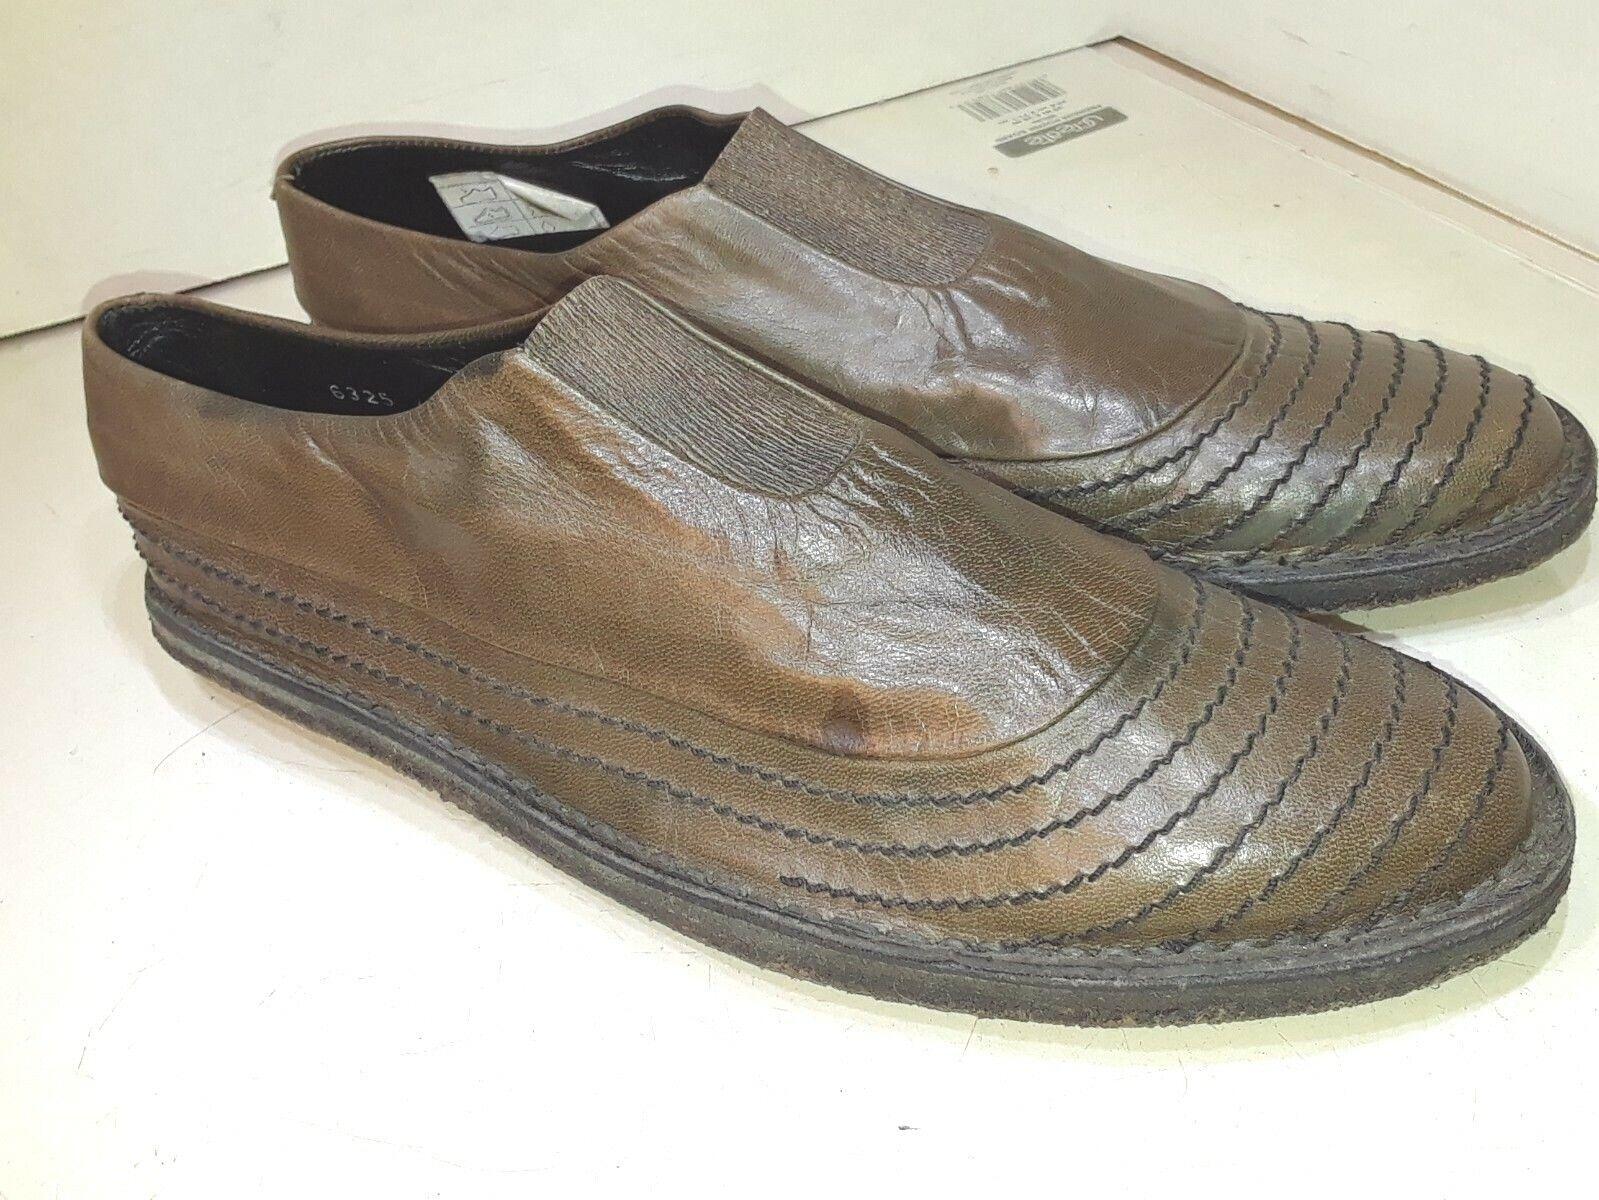 spedizione gratuita Rocco P Marrone Marrone Marrone Leather Casual Loafers Slip On Elastic Front donna Dimensione 40  più preferenziale